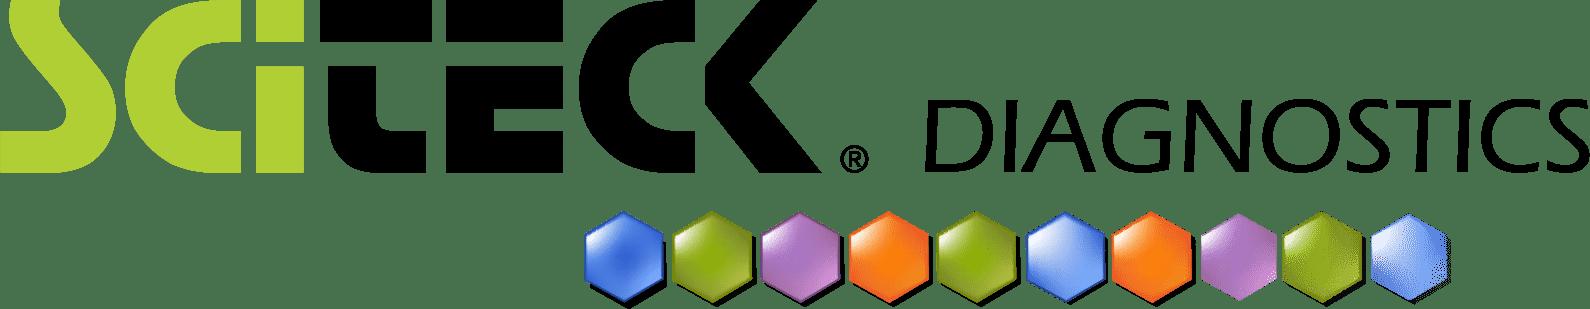 Sciteck Diagnostics